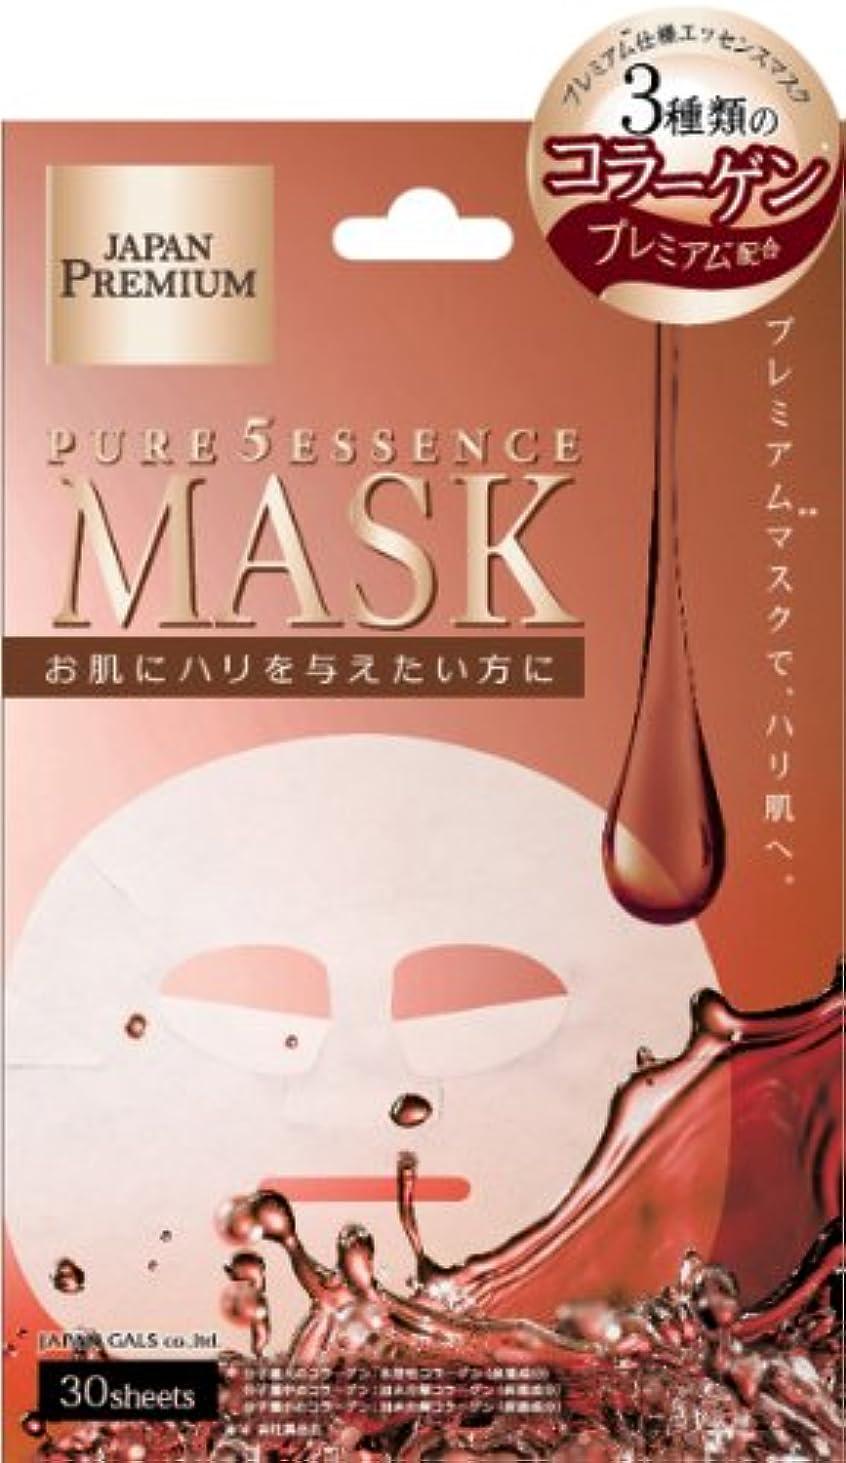 上記の頭と肩罹患率反対したピュアファイブエッセンスマスク(CO)NEW